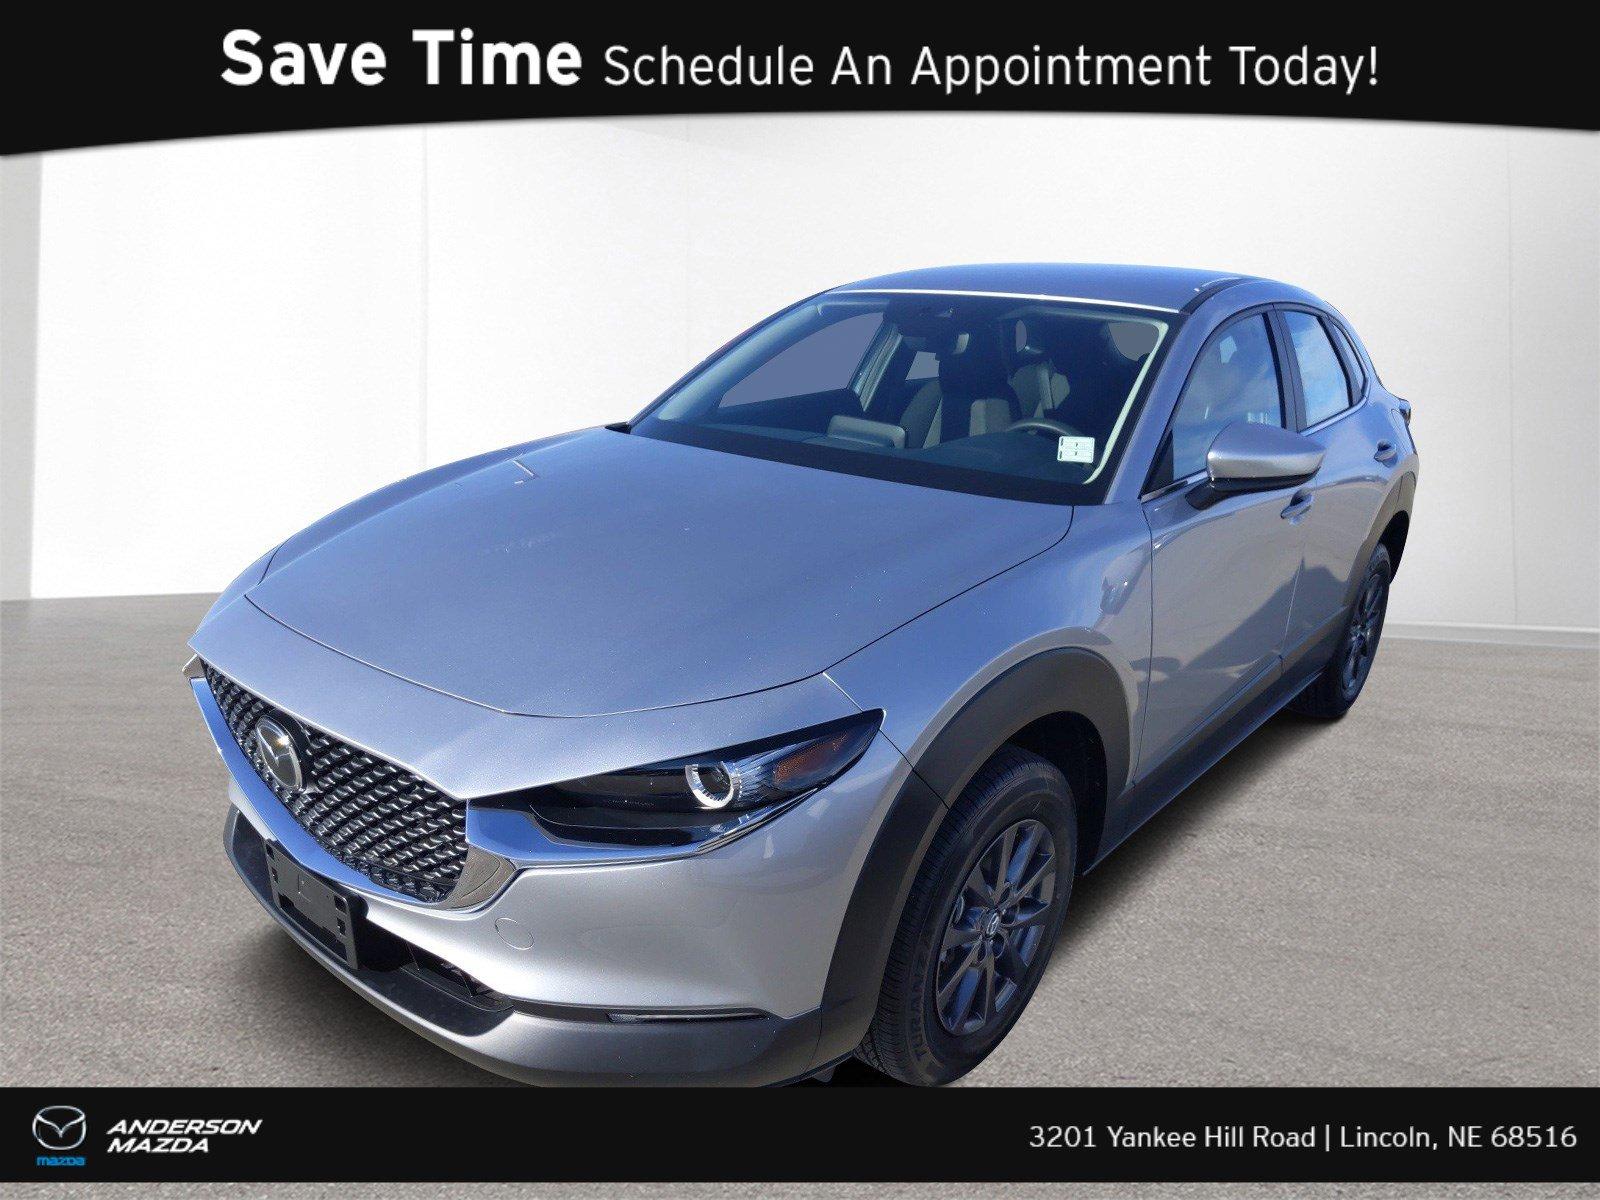 New 2020 Mazda Cx-30 Base Sport Utility for sale in Lincoln NE